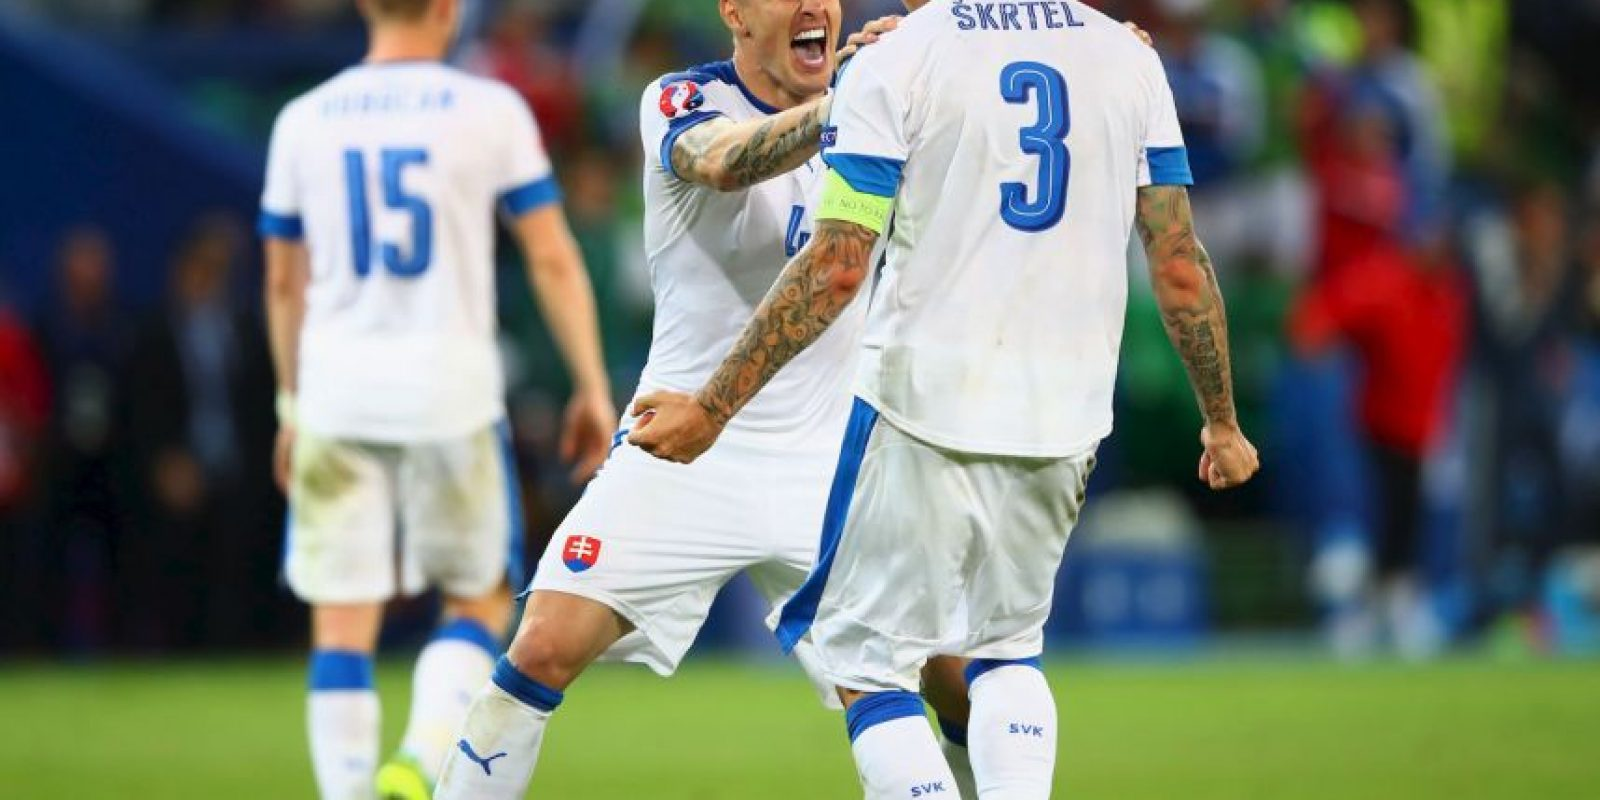 Martin Skrtel, que estaba debutando con Eslovaquia en la Euro, avaló el insulto de un amigo a Jurgen Klopp y aseguró 'espero que vea este posteo' Foto:Getty Images